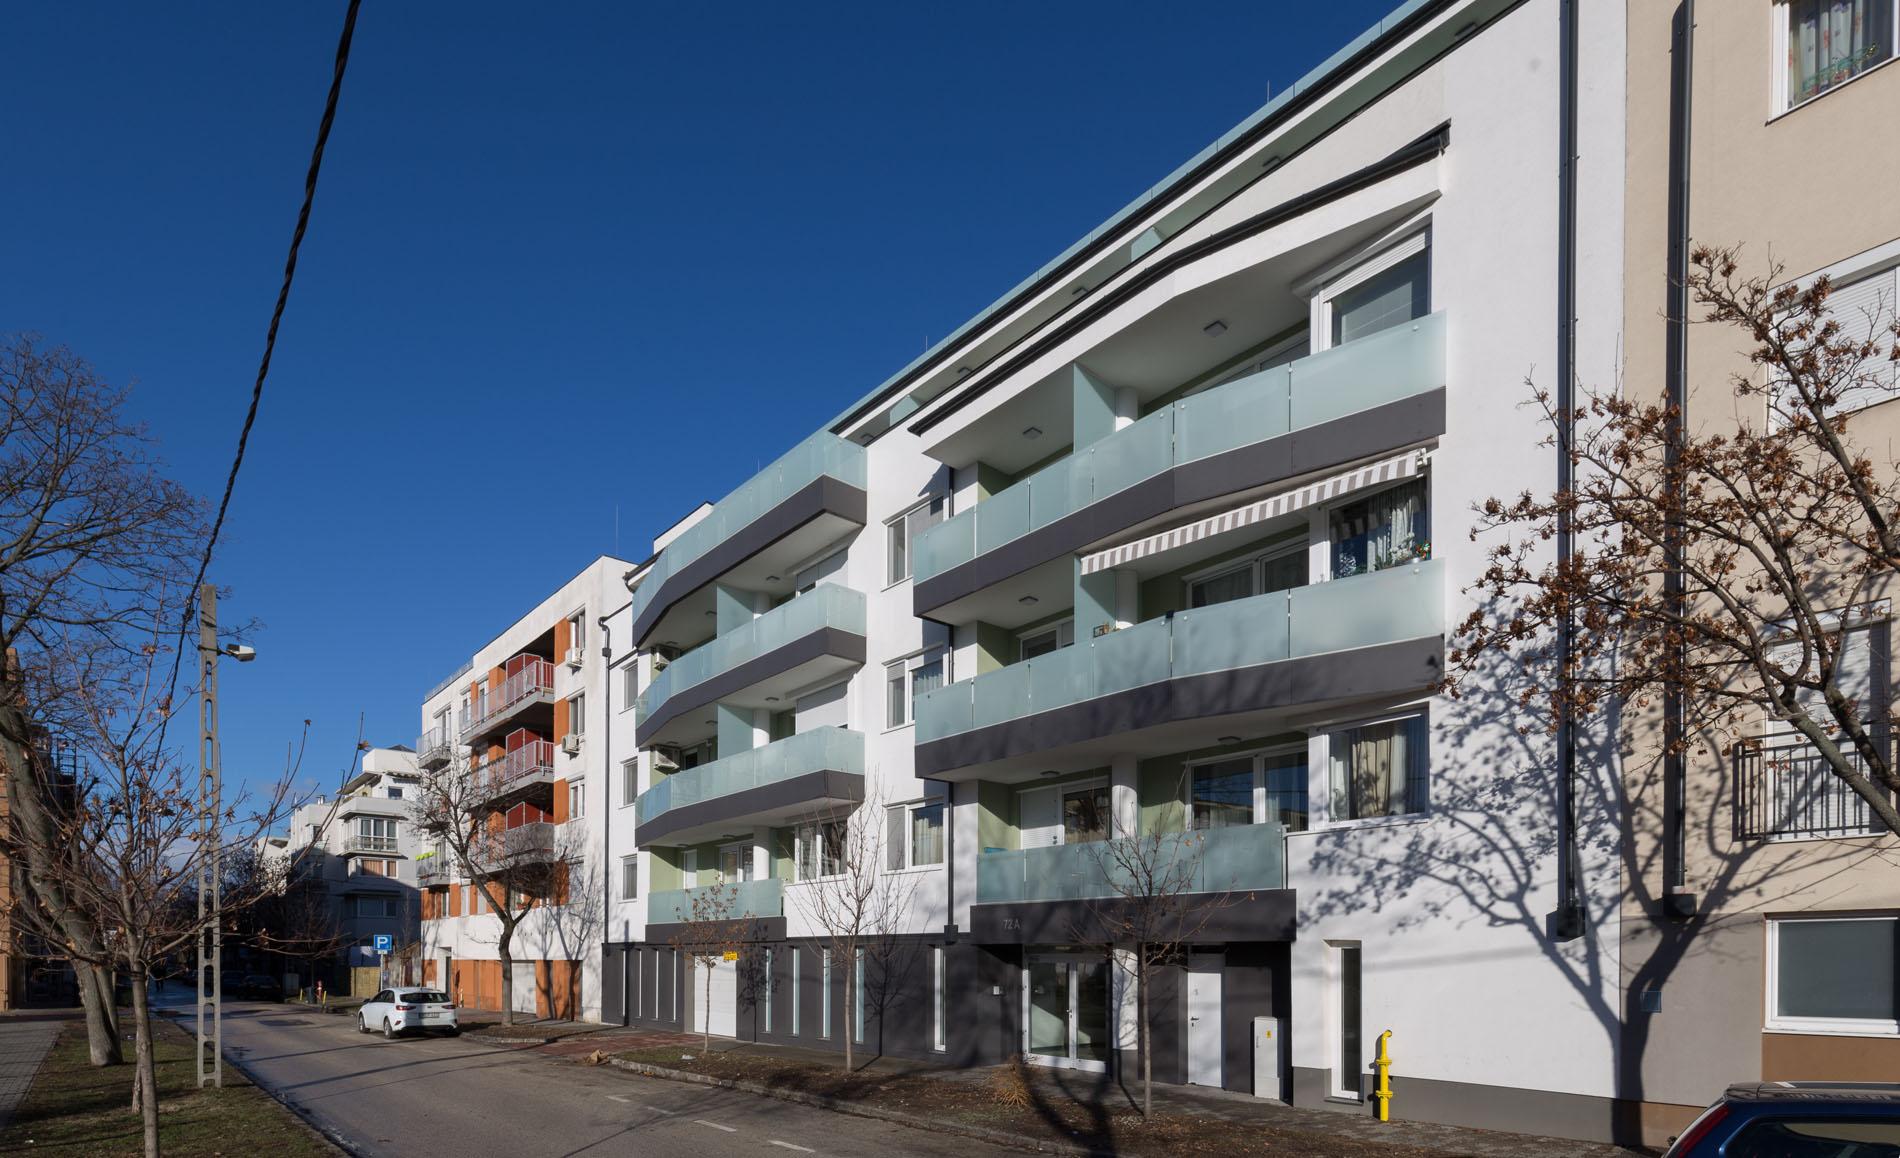 Saját ingatlanfejlesztés keretében egy 6 szintes, 26 lakásos, liftes társasház generálkivitelezése Angyalföldön, a Fáy utca megújult részében